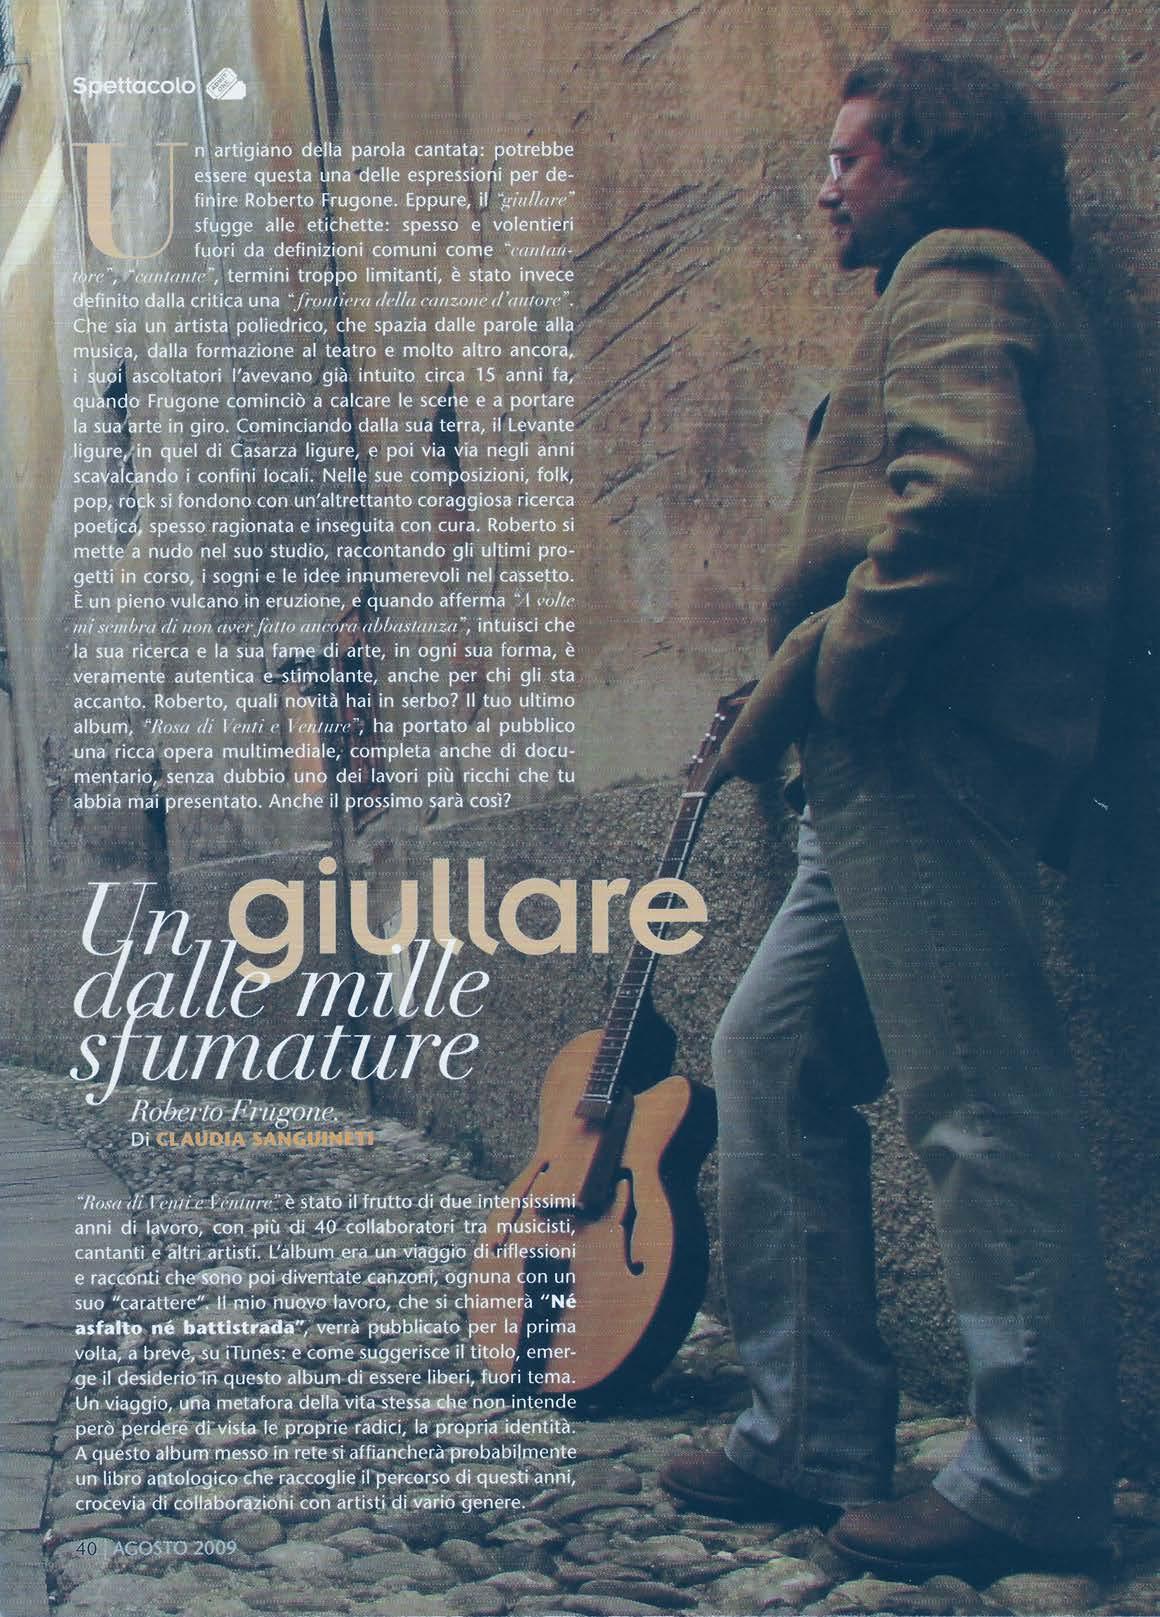 Genova Zena, agosto 2009 – Un giullare dalle mille sfumature – Parte 01